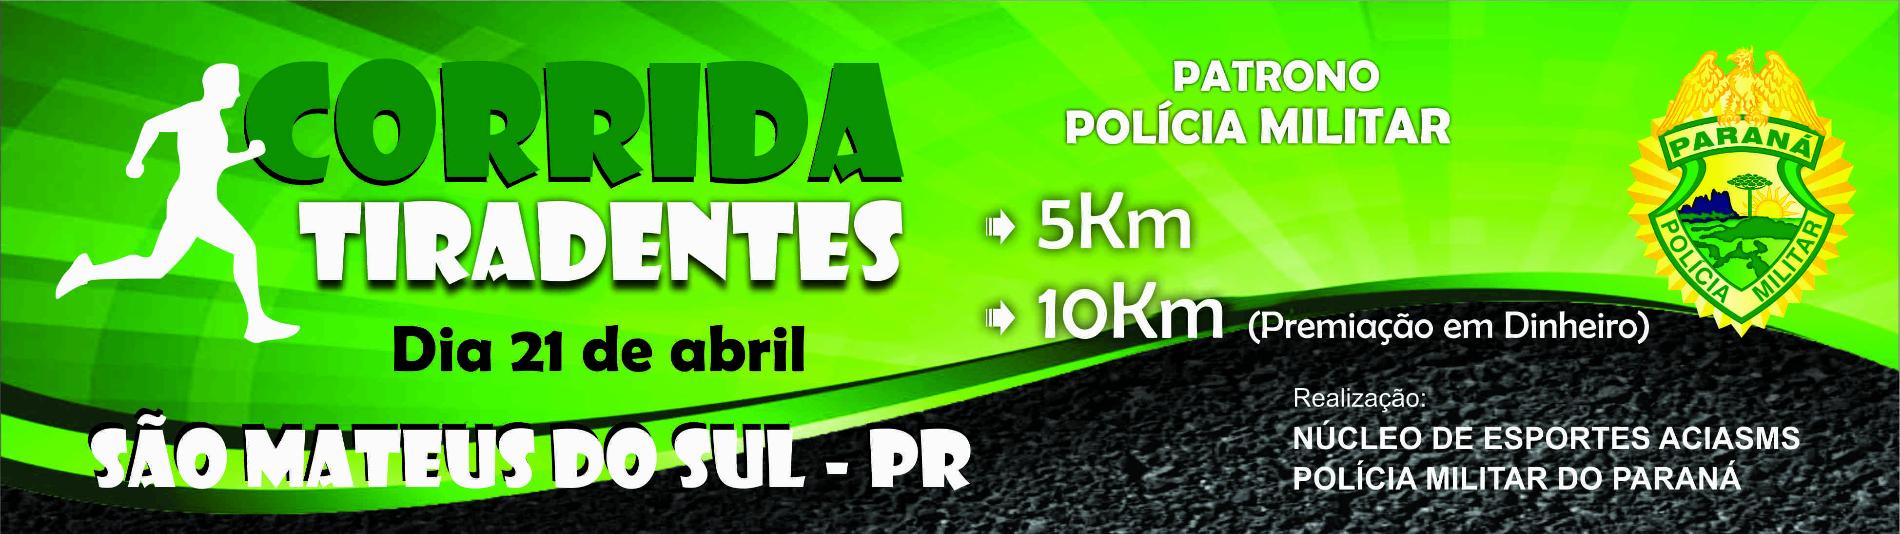 Corrida Tiradentes - Patrono da Polícia Militar - Imagem de topo